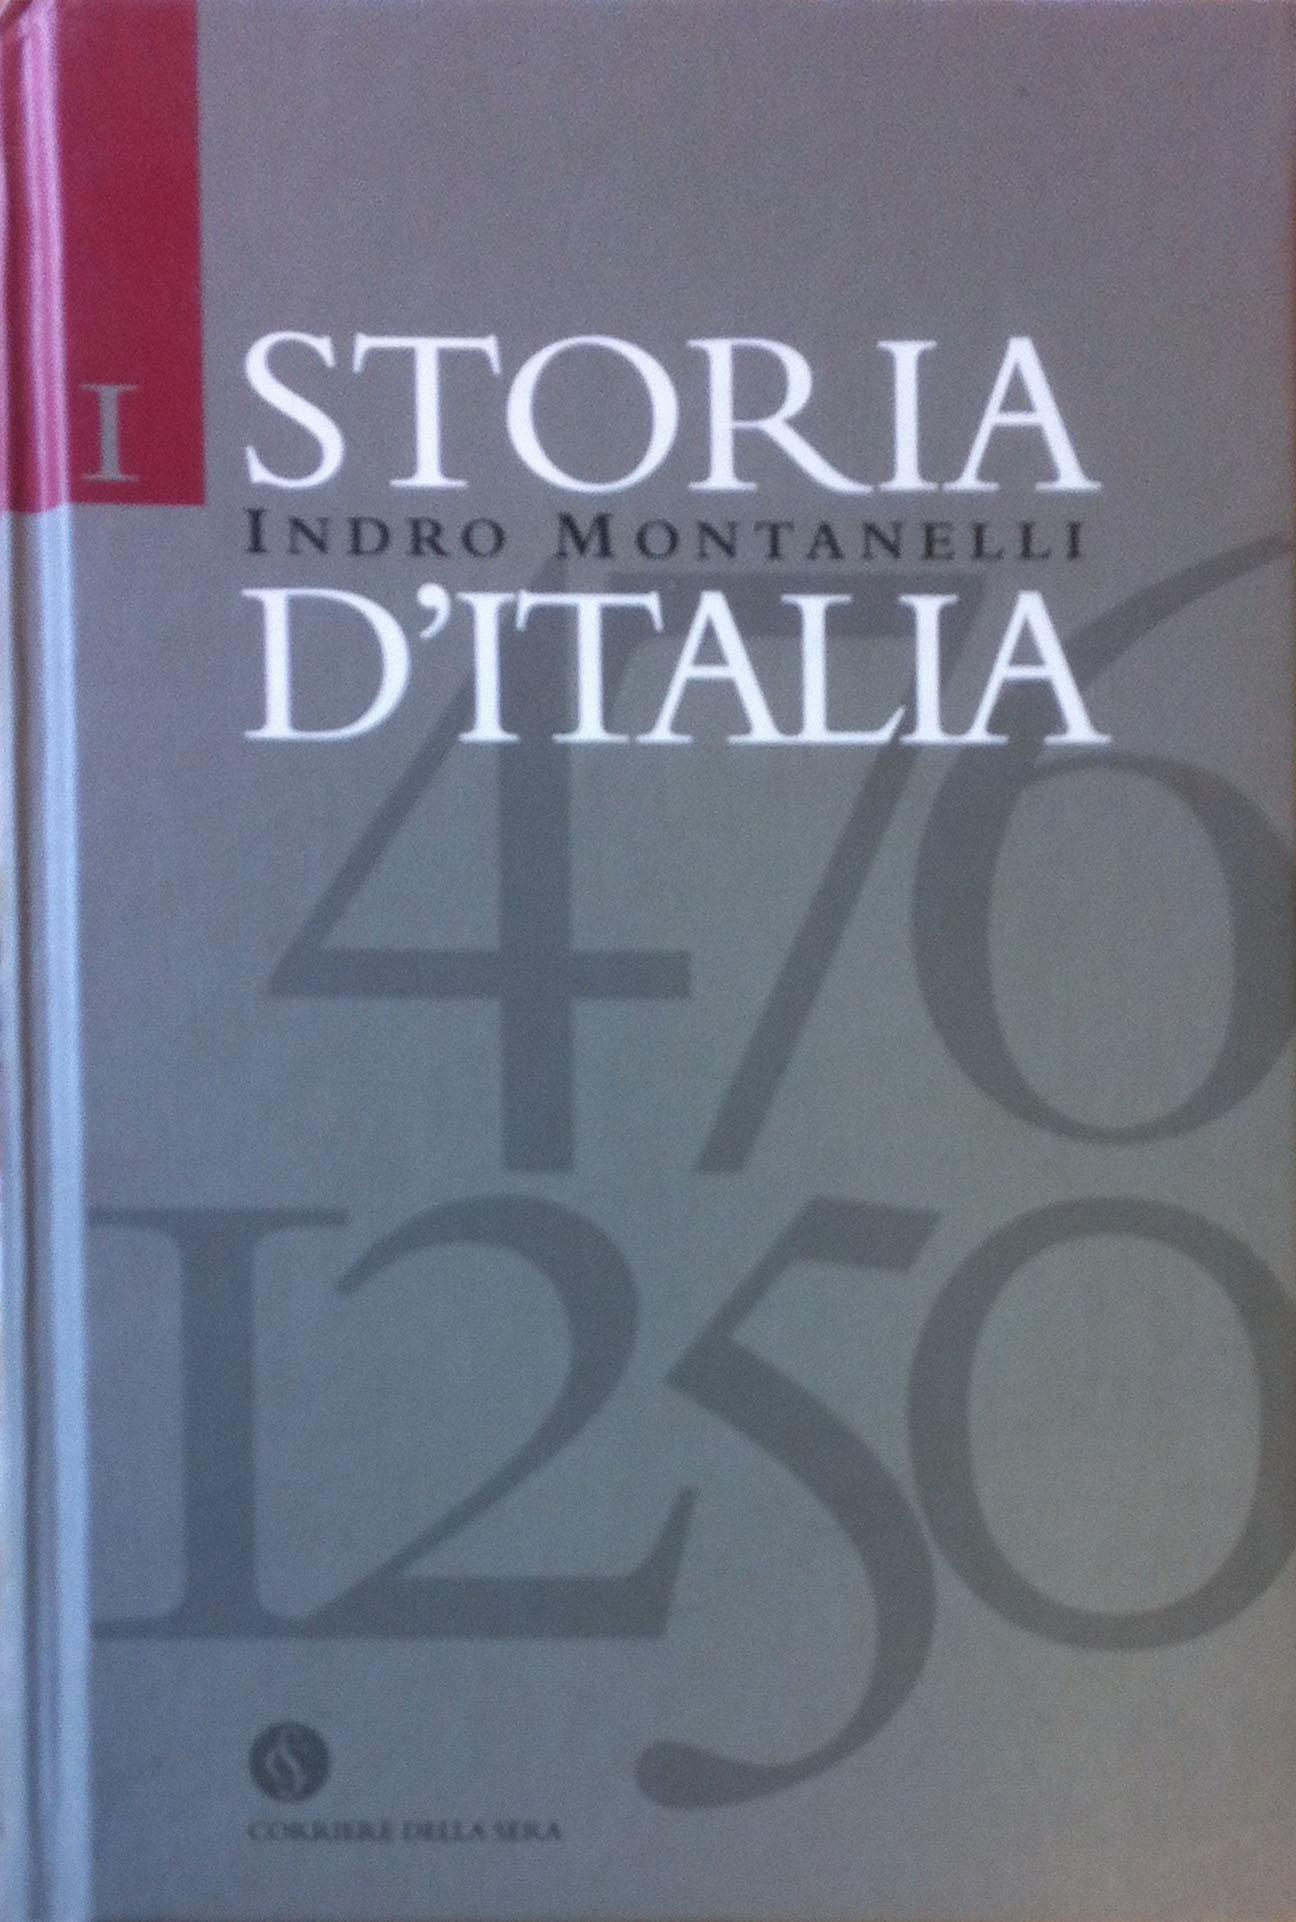 Storia d'Italia di Indro Montanelli – Il corriere della sera